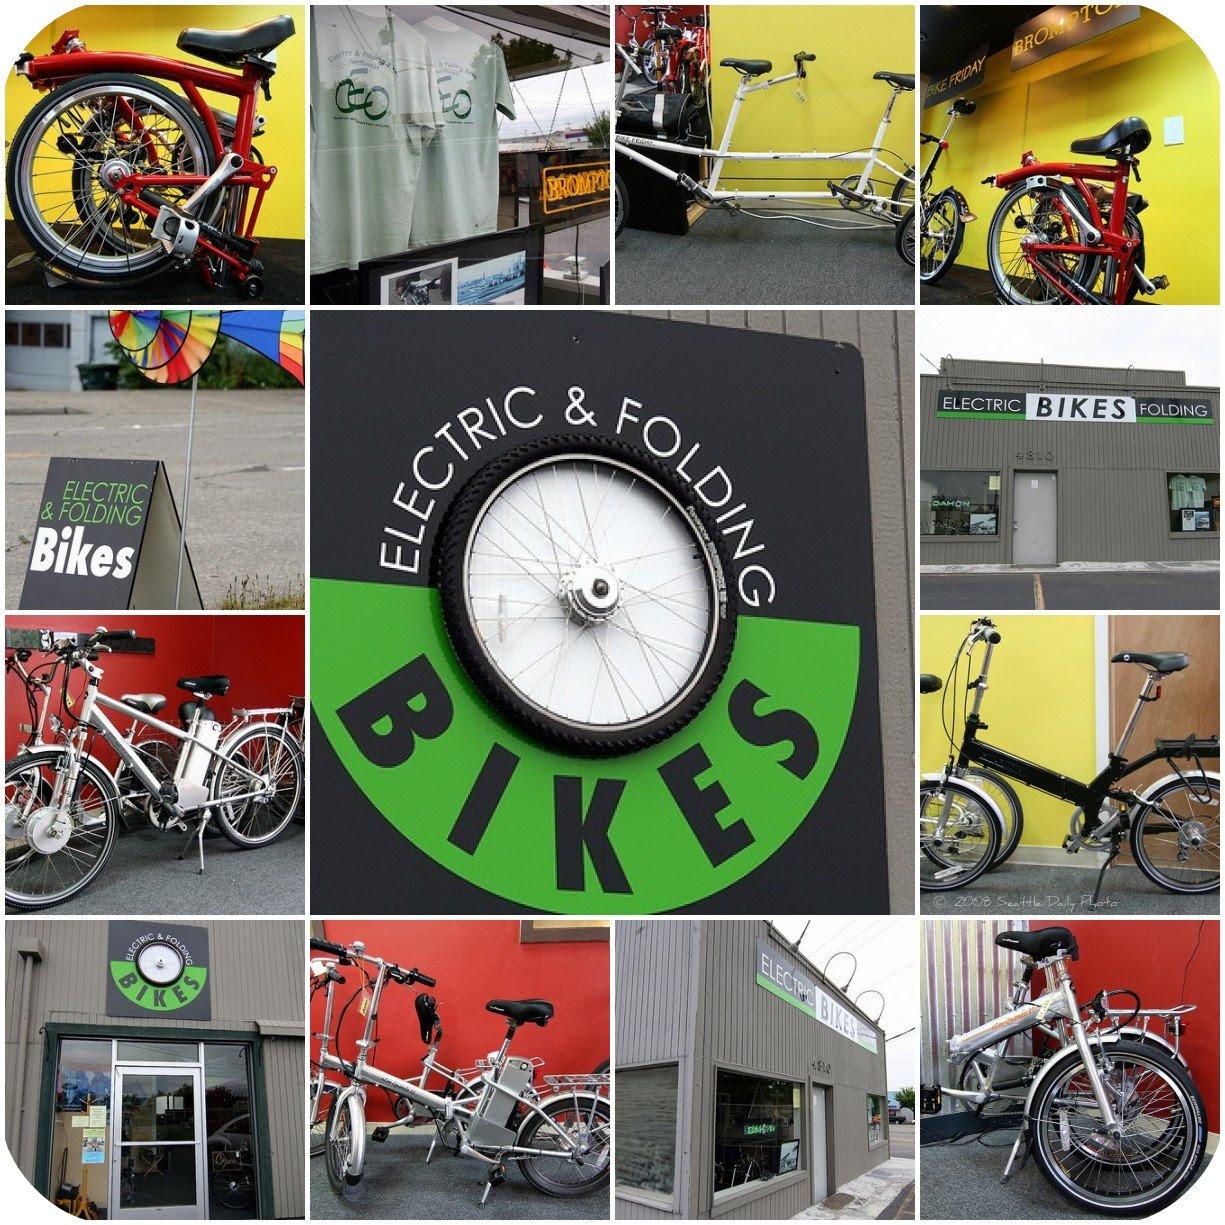 Electric & Folding Bikes Northwest